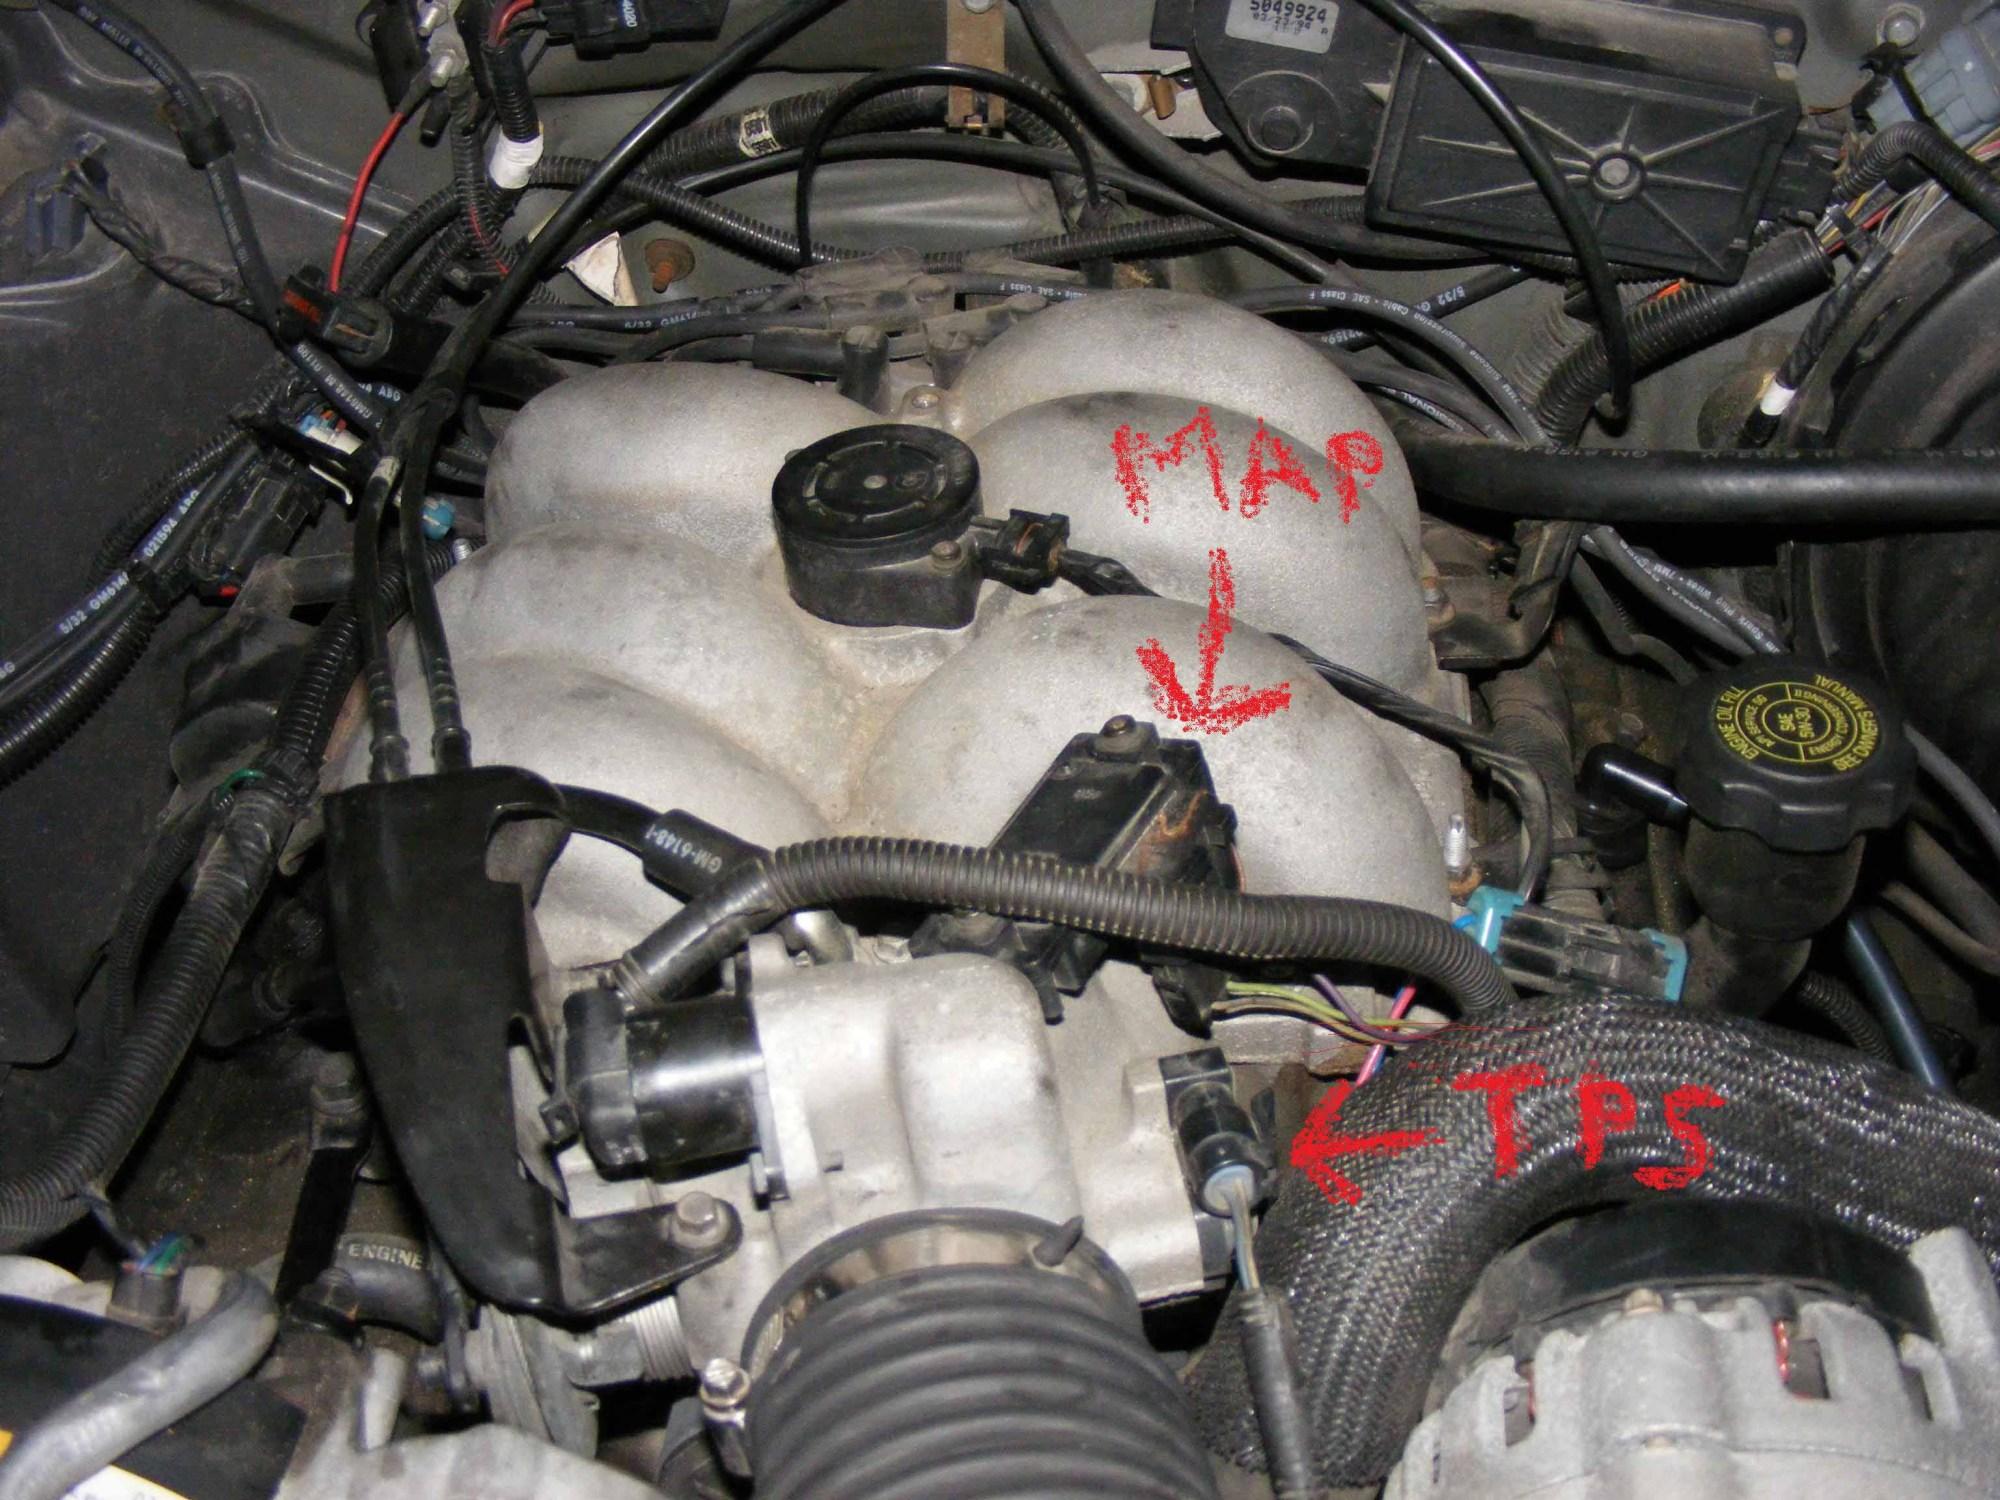 hight resolution of 94 blazer 4 3l vortec won t start blazer forum chevy blazer forums rh blazerforum com 4 3l vortec engine wiring ect wiring diagram